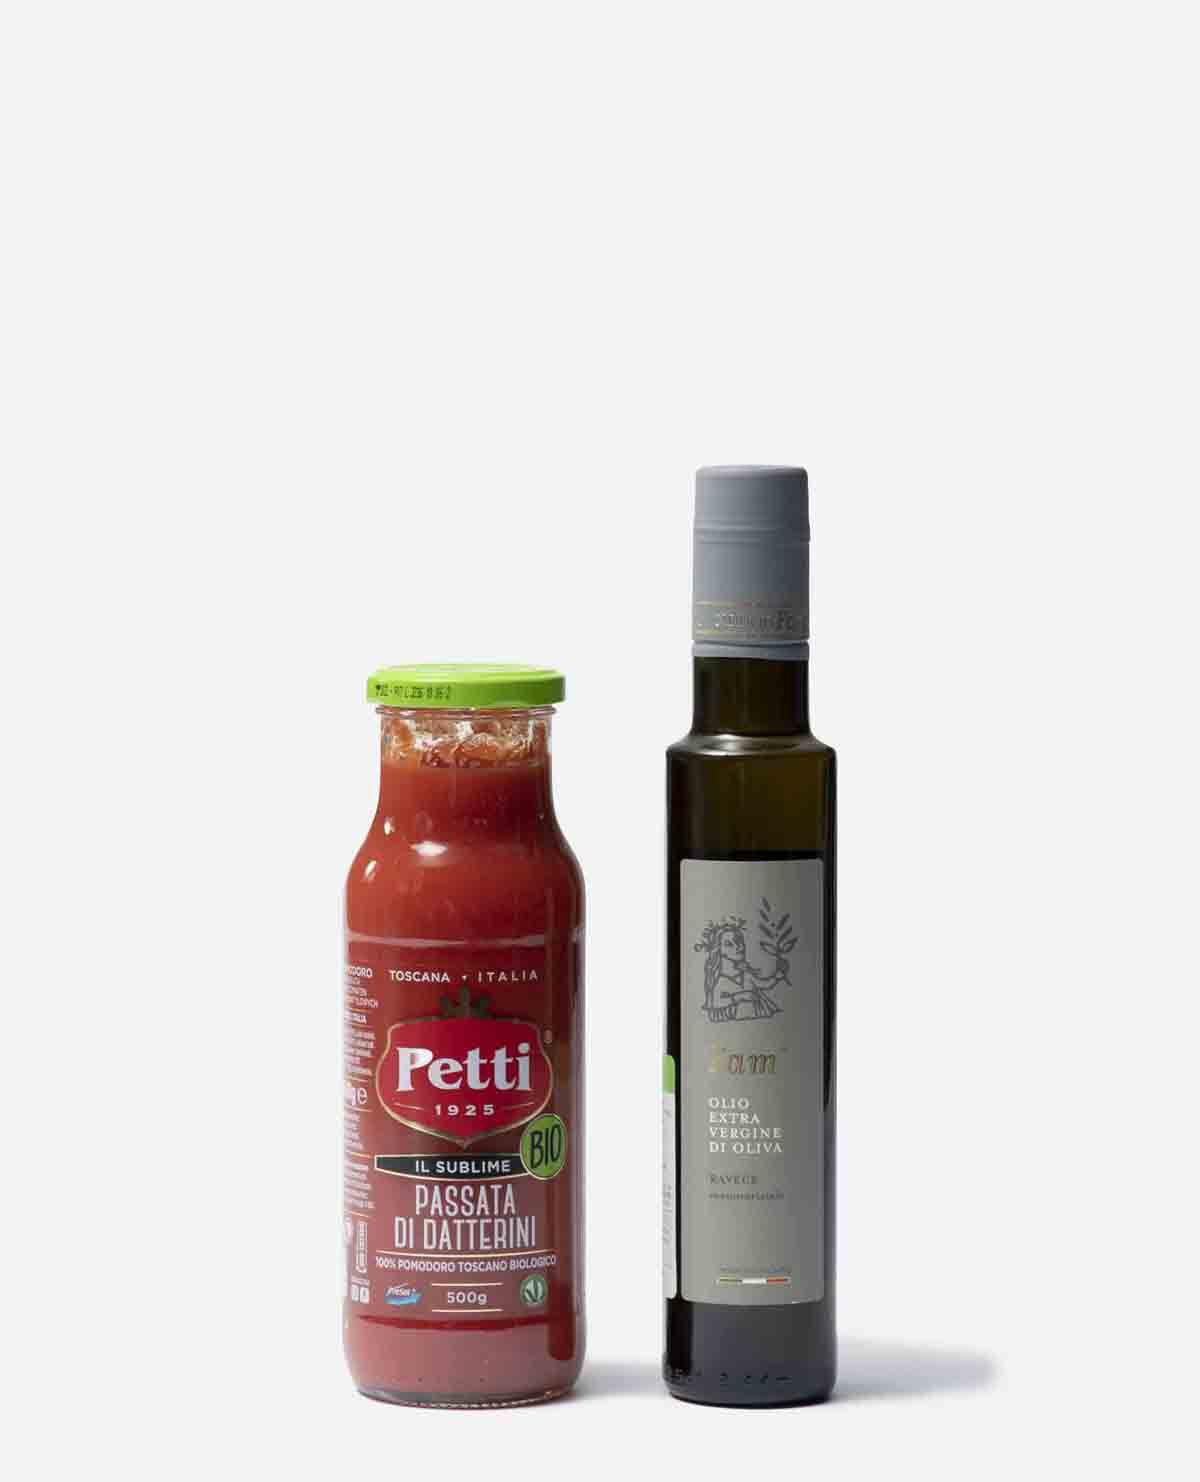 オリーブ オイルとトマトのパッサータのセット